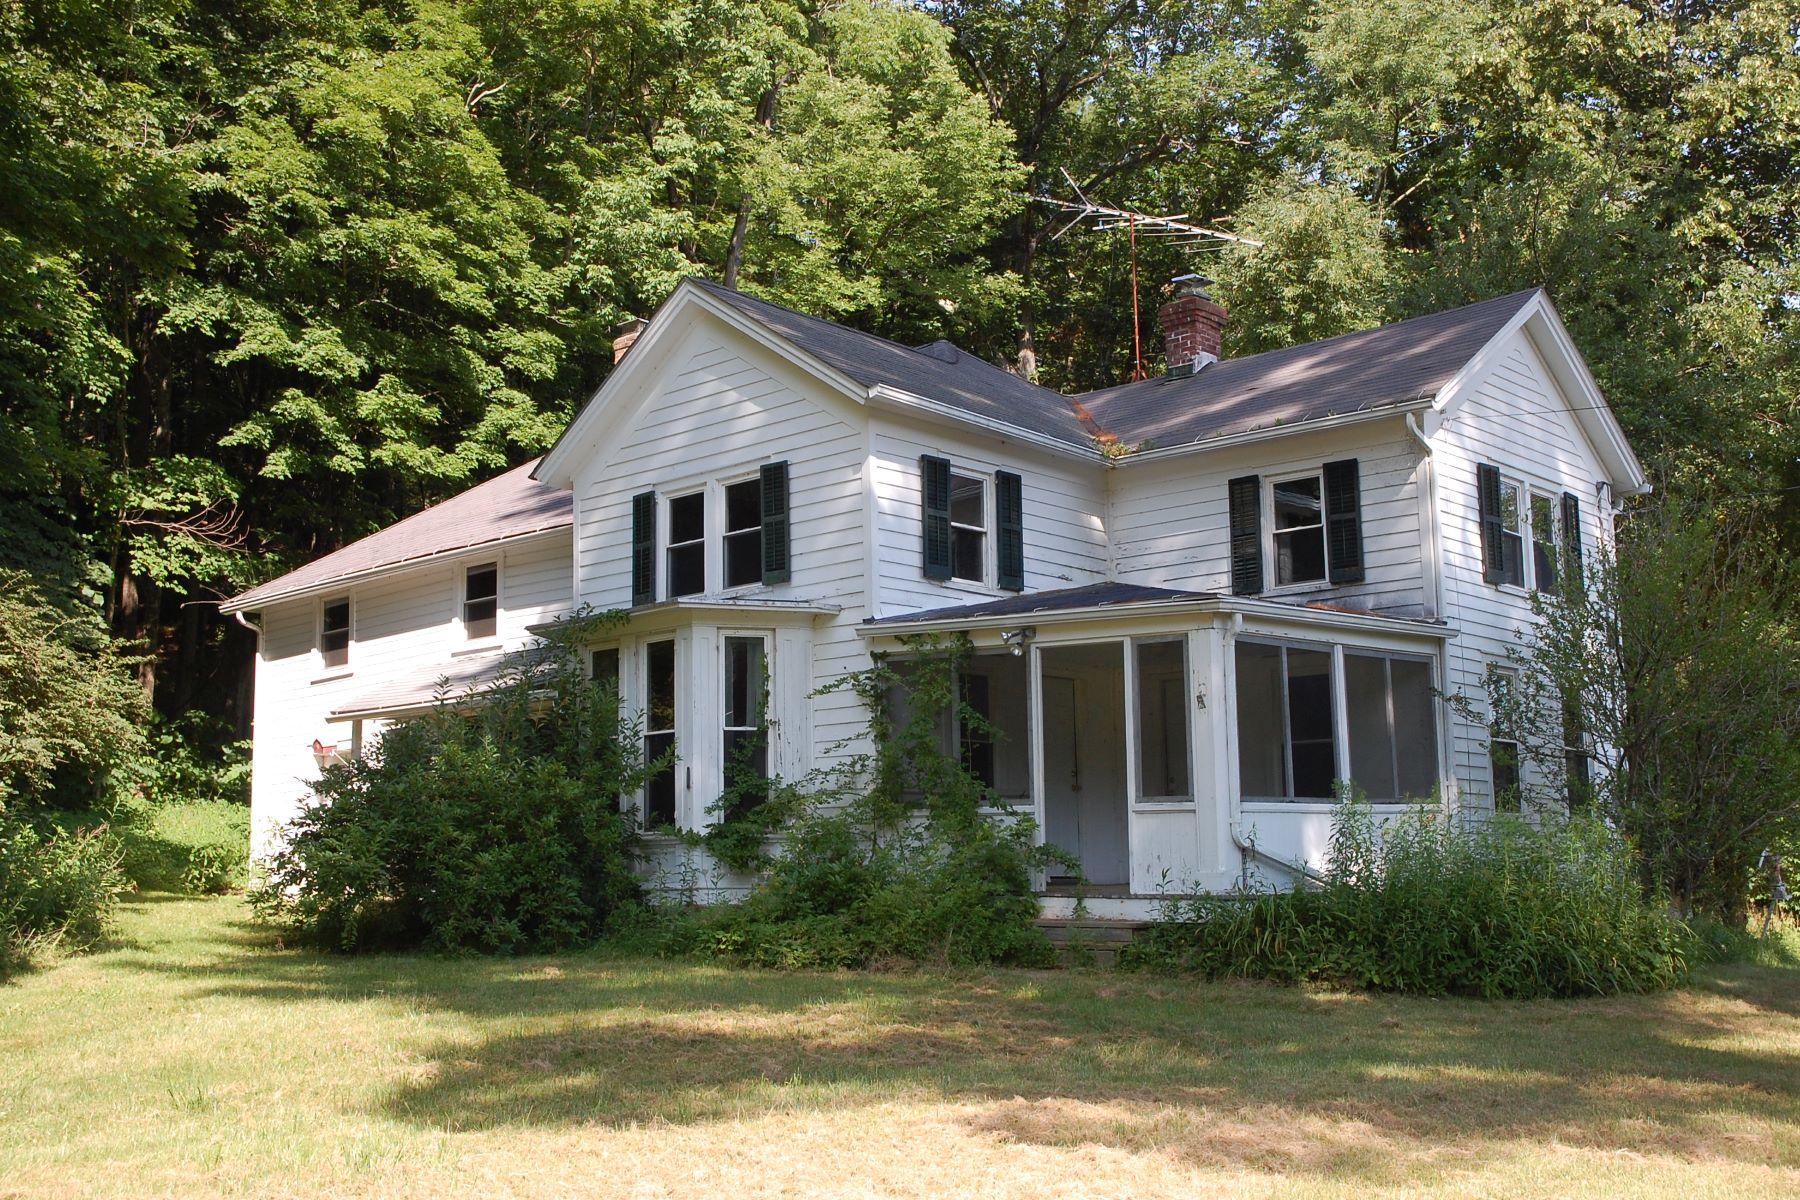 Casa Unifamiliar por un Venta en Charming New England Farmhouse 575 North Undermountain Rd Sheffield, Massachusetts 01257 Estados Unidos